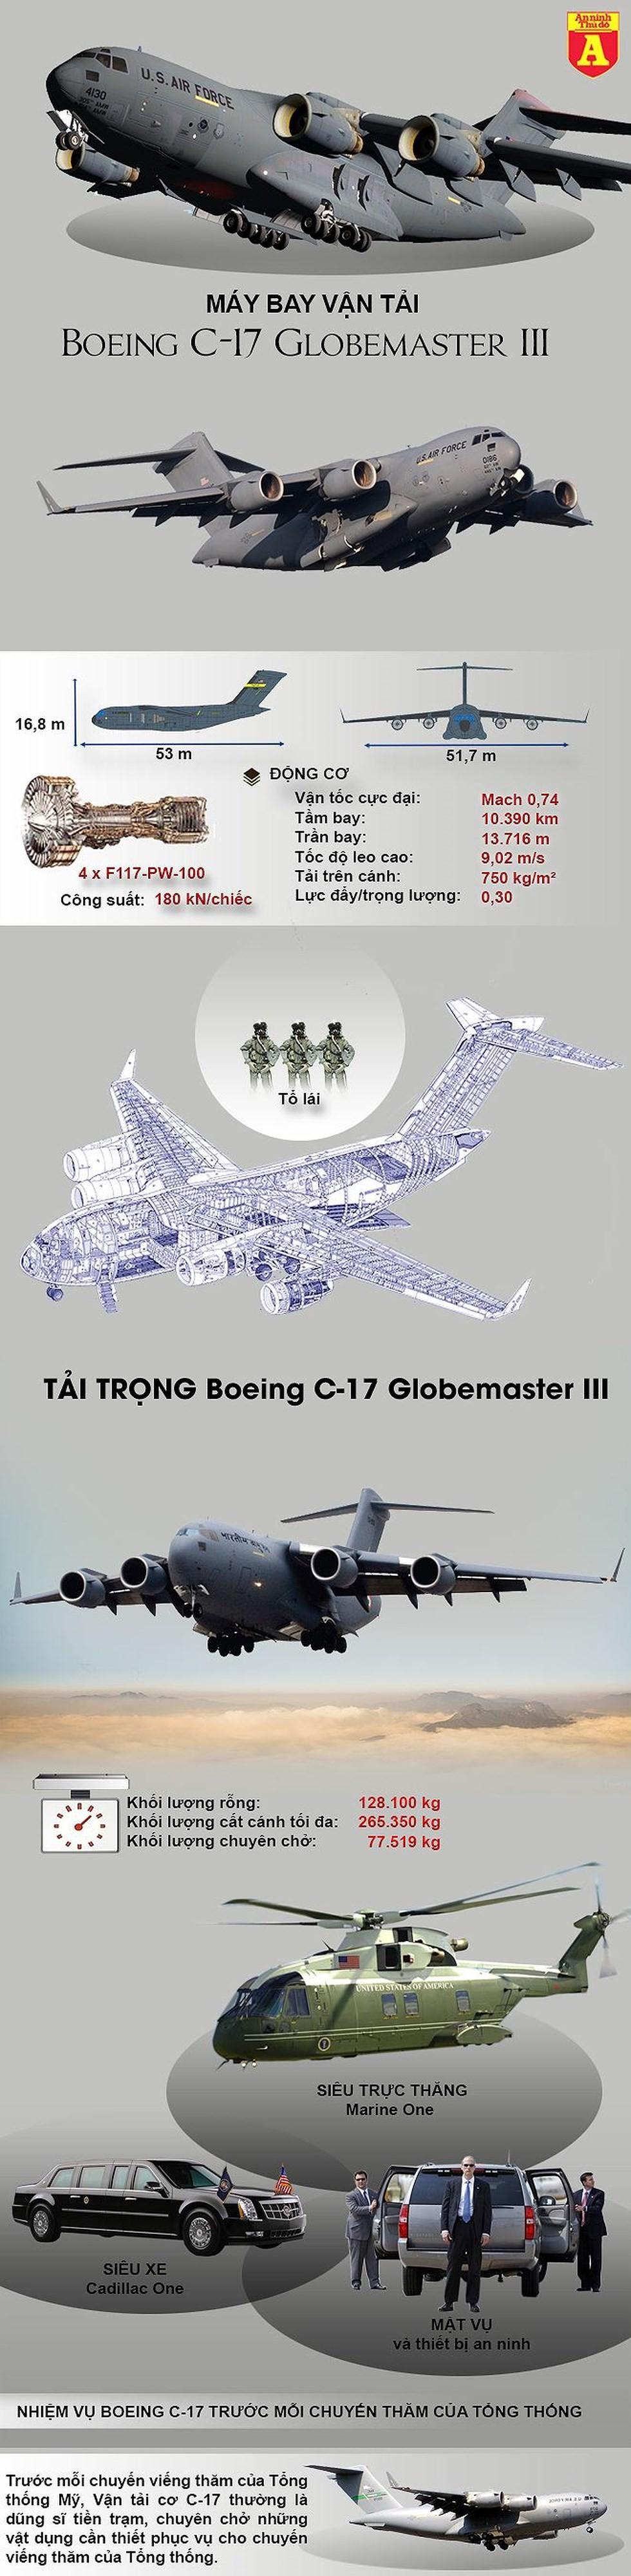 [Info] 'Ngựa thồ khổng lồ' C-17 Mỹ phát nổ động cơ sau khi va phải chim lớn ảnh 3